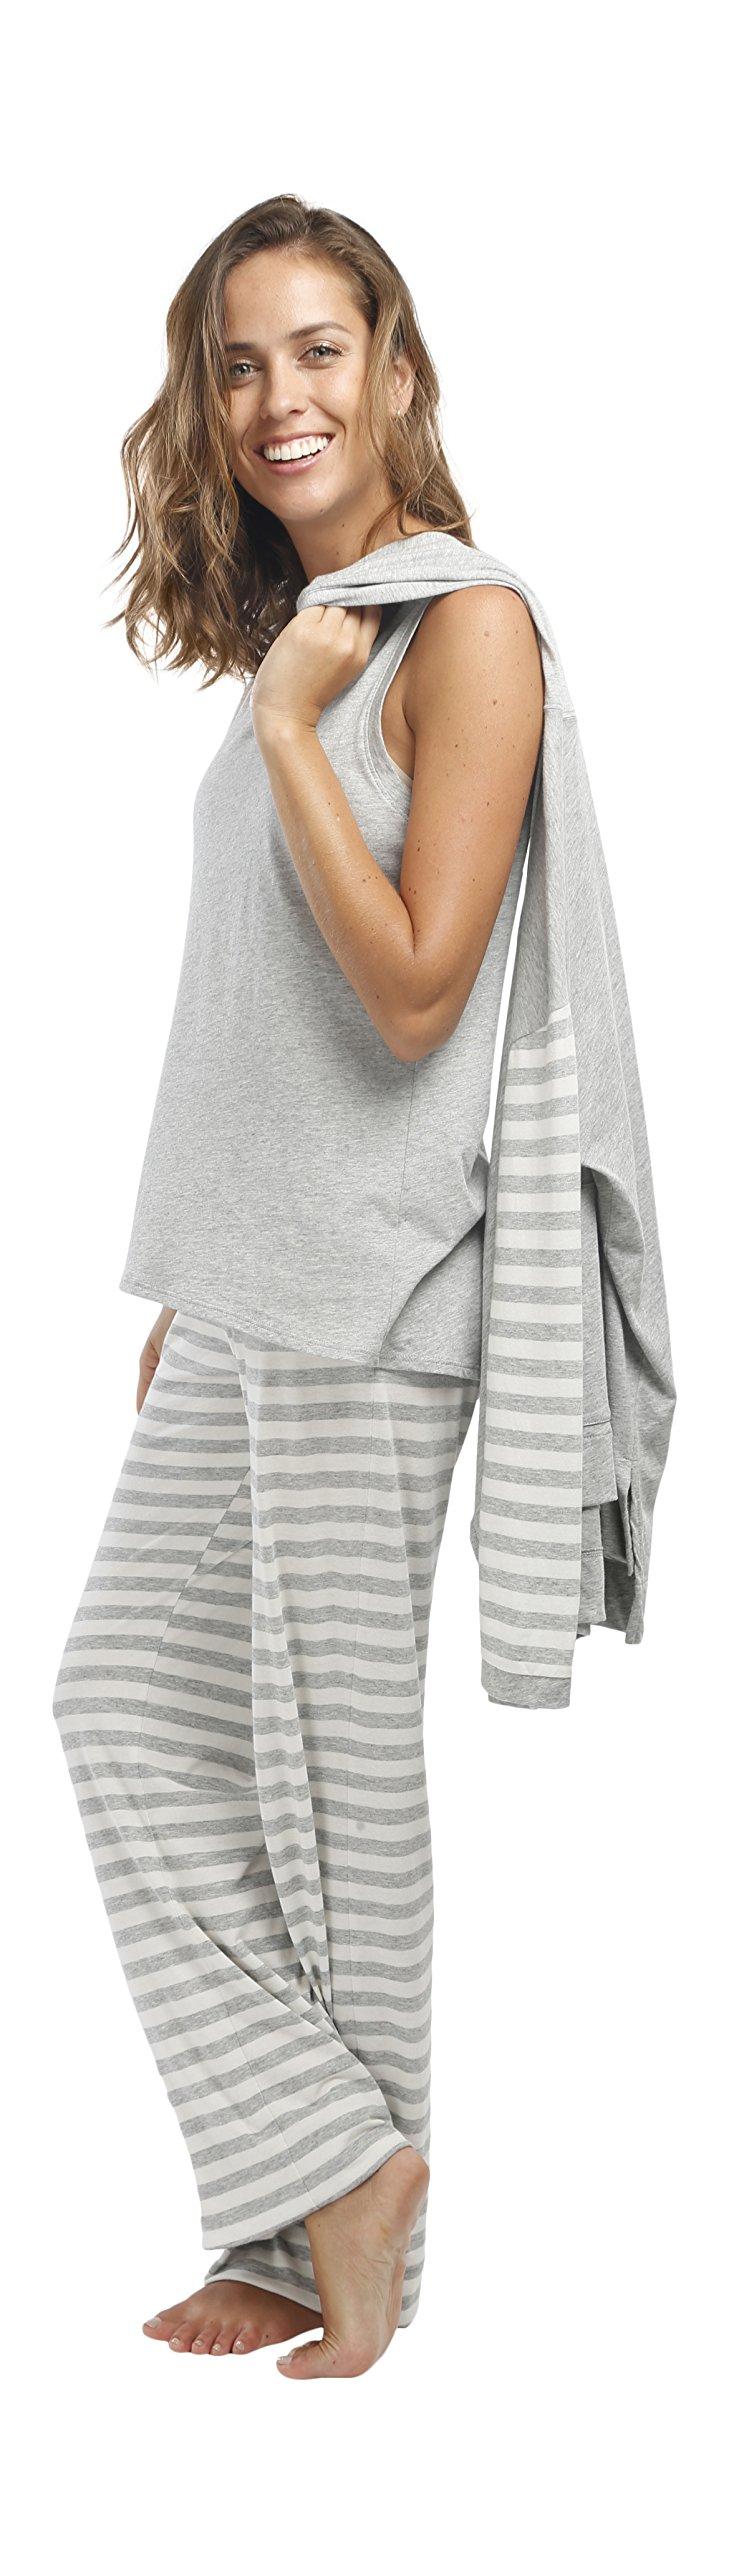 jijamas Incredibly Soft Pima Cotton Women's Pajama Set ''The Hoodie Set'' In Heather Grey by jijamas (Image #2)